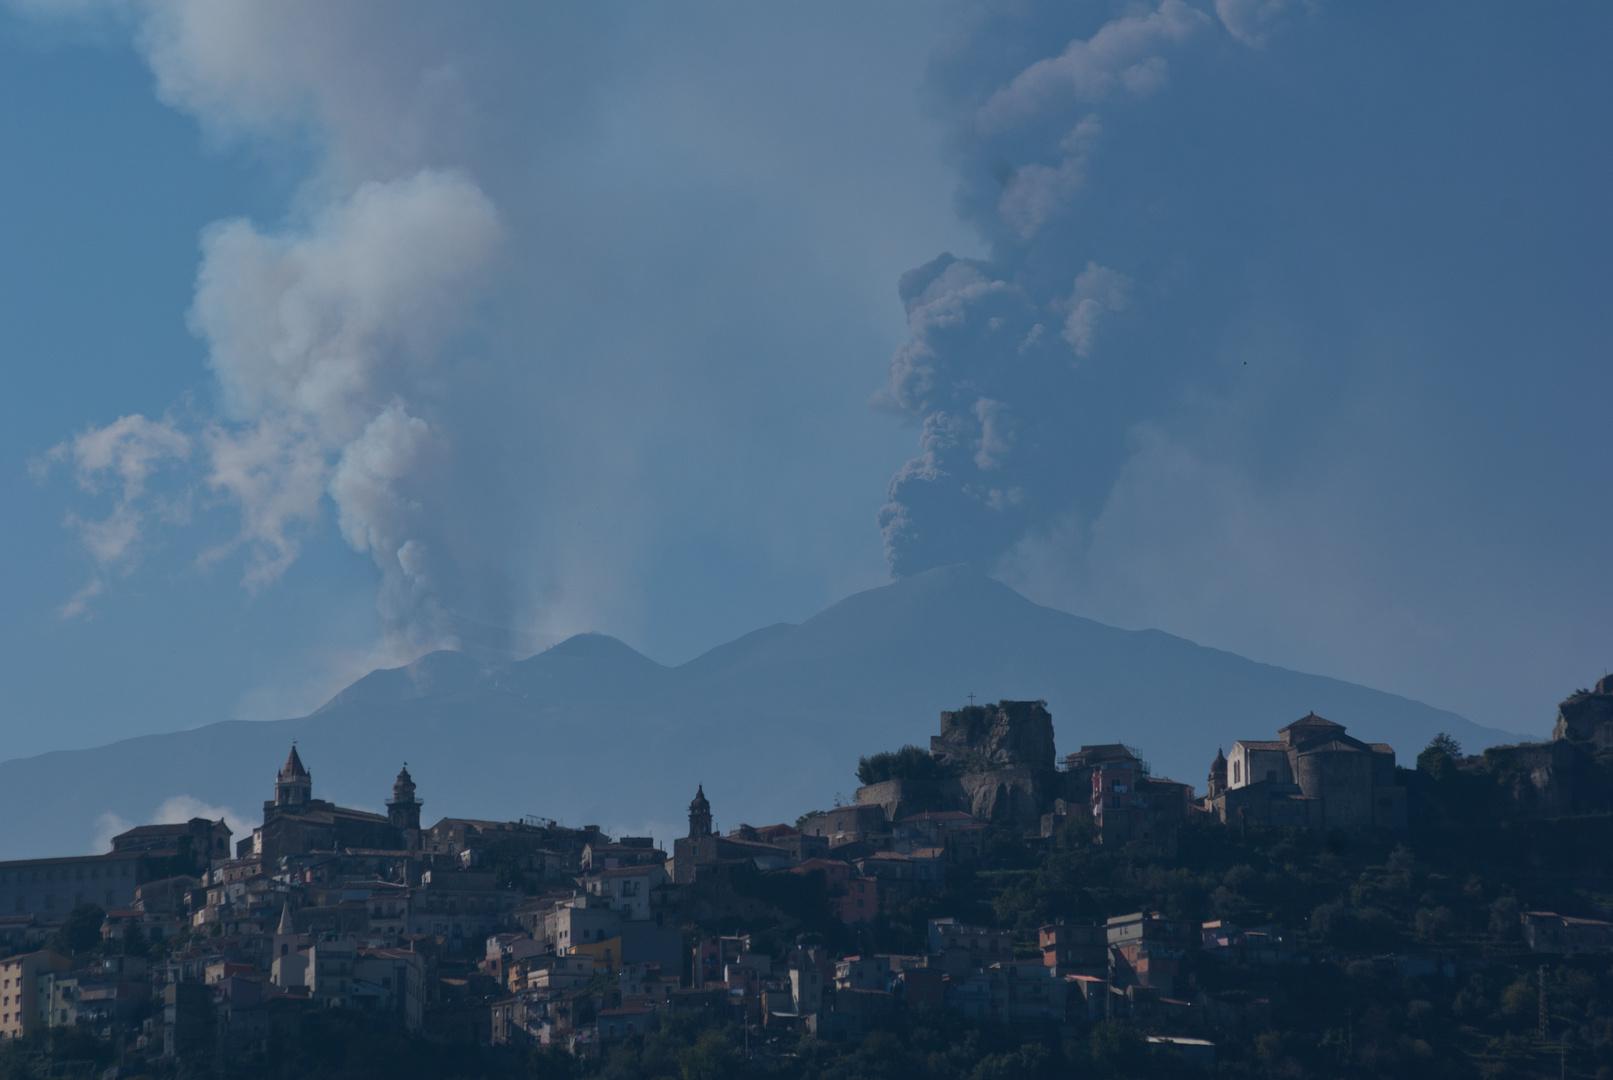 Castiglione Di Sicilia mit dem Ätna 26.10.2013 um 13:16